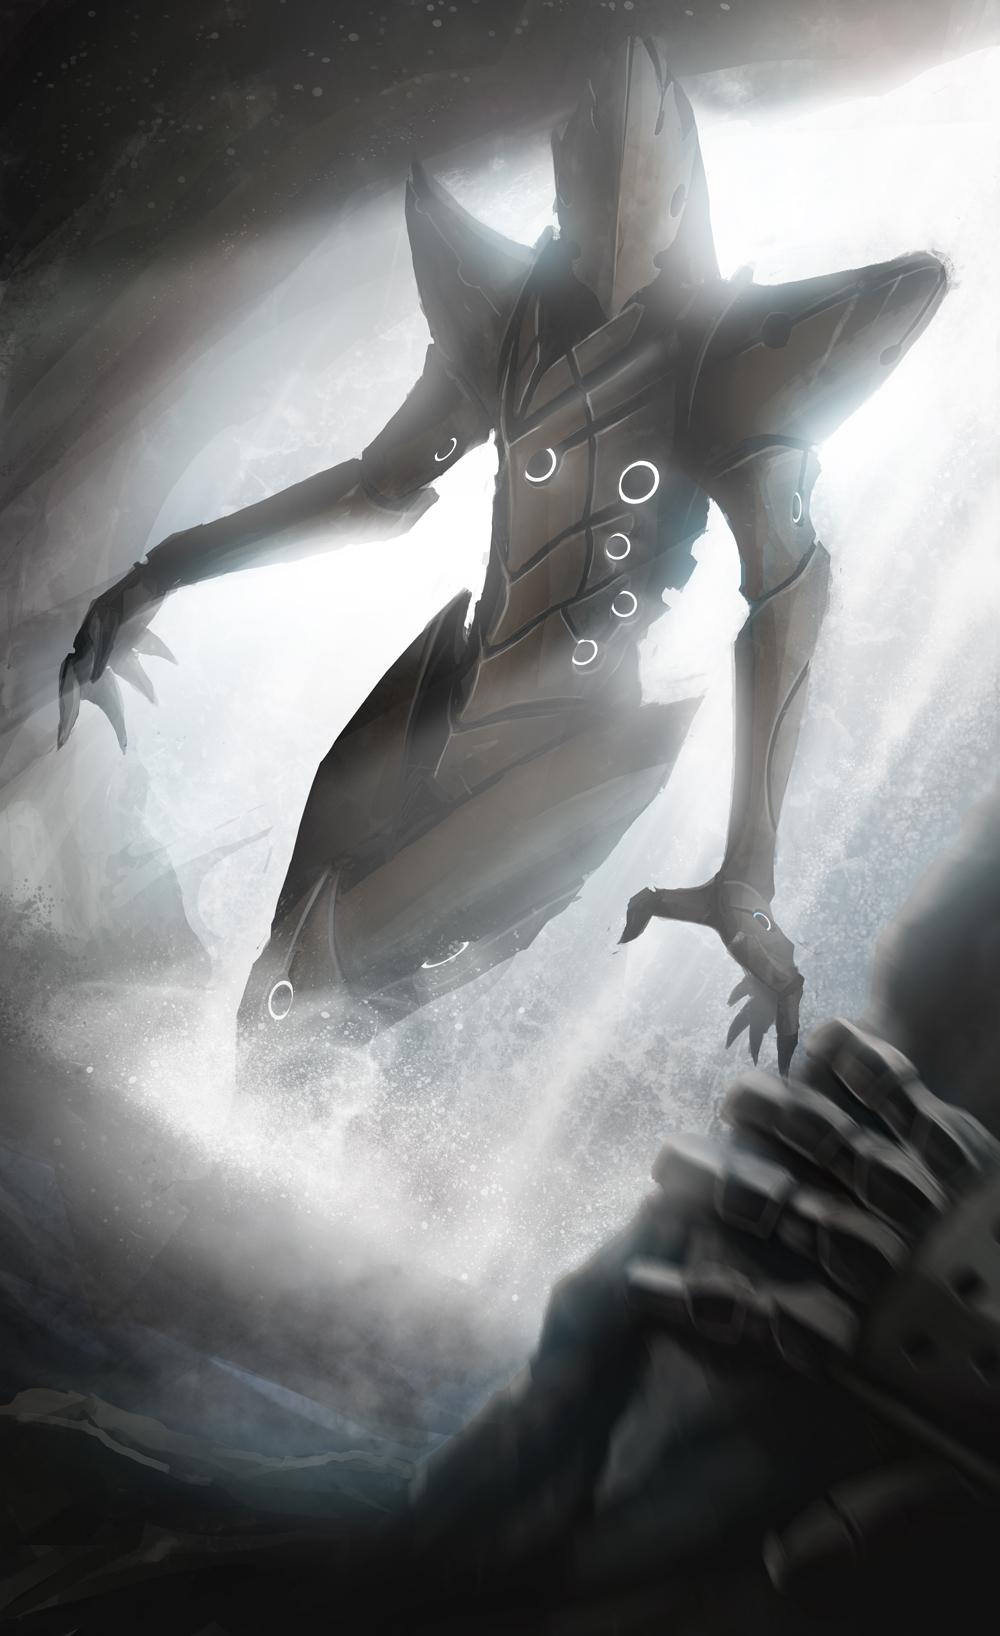 Alien Waterfall